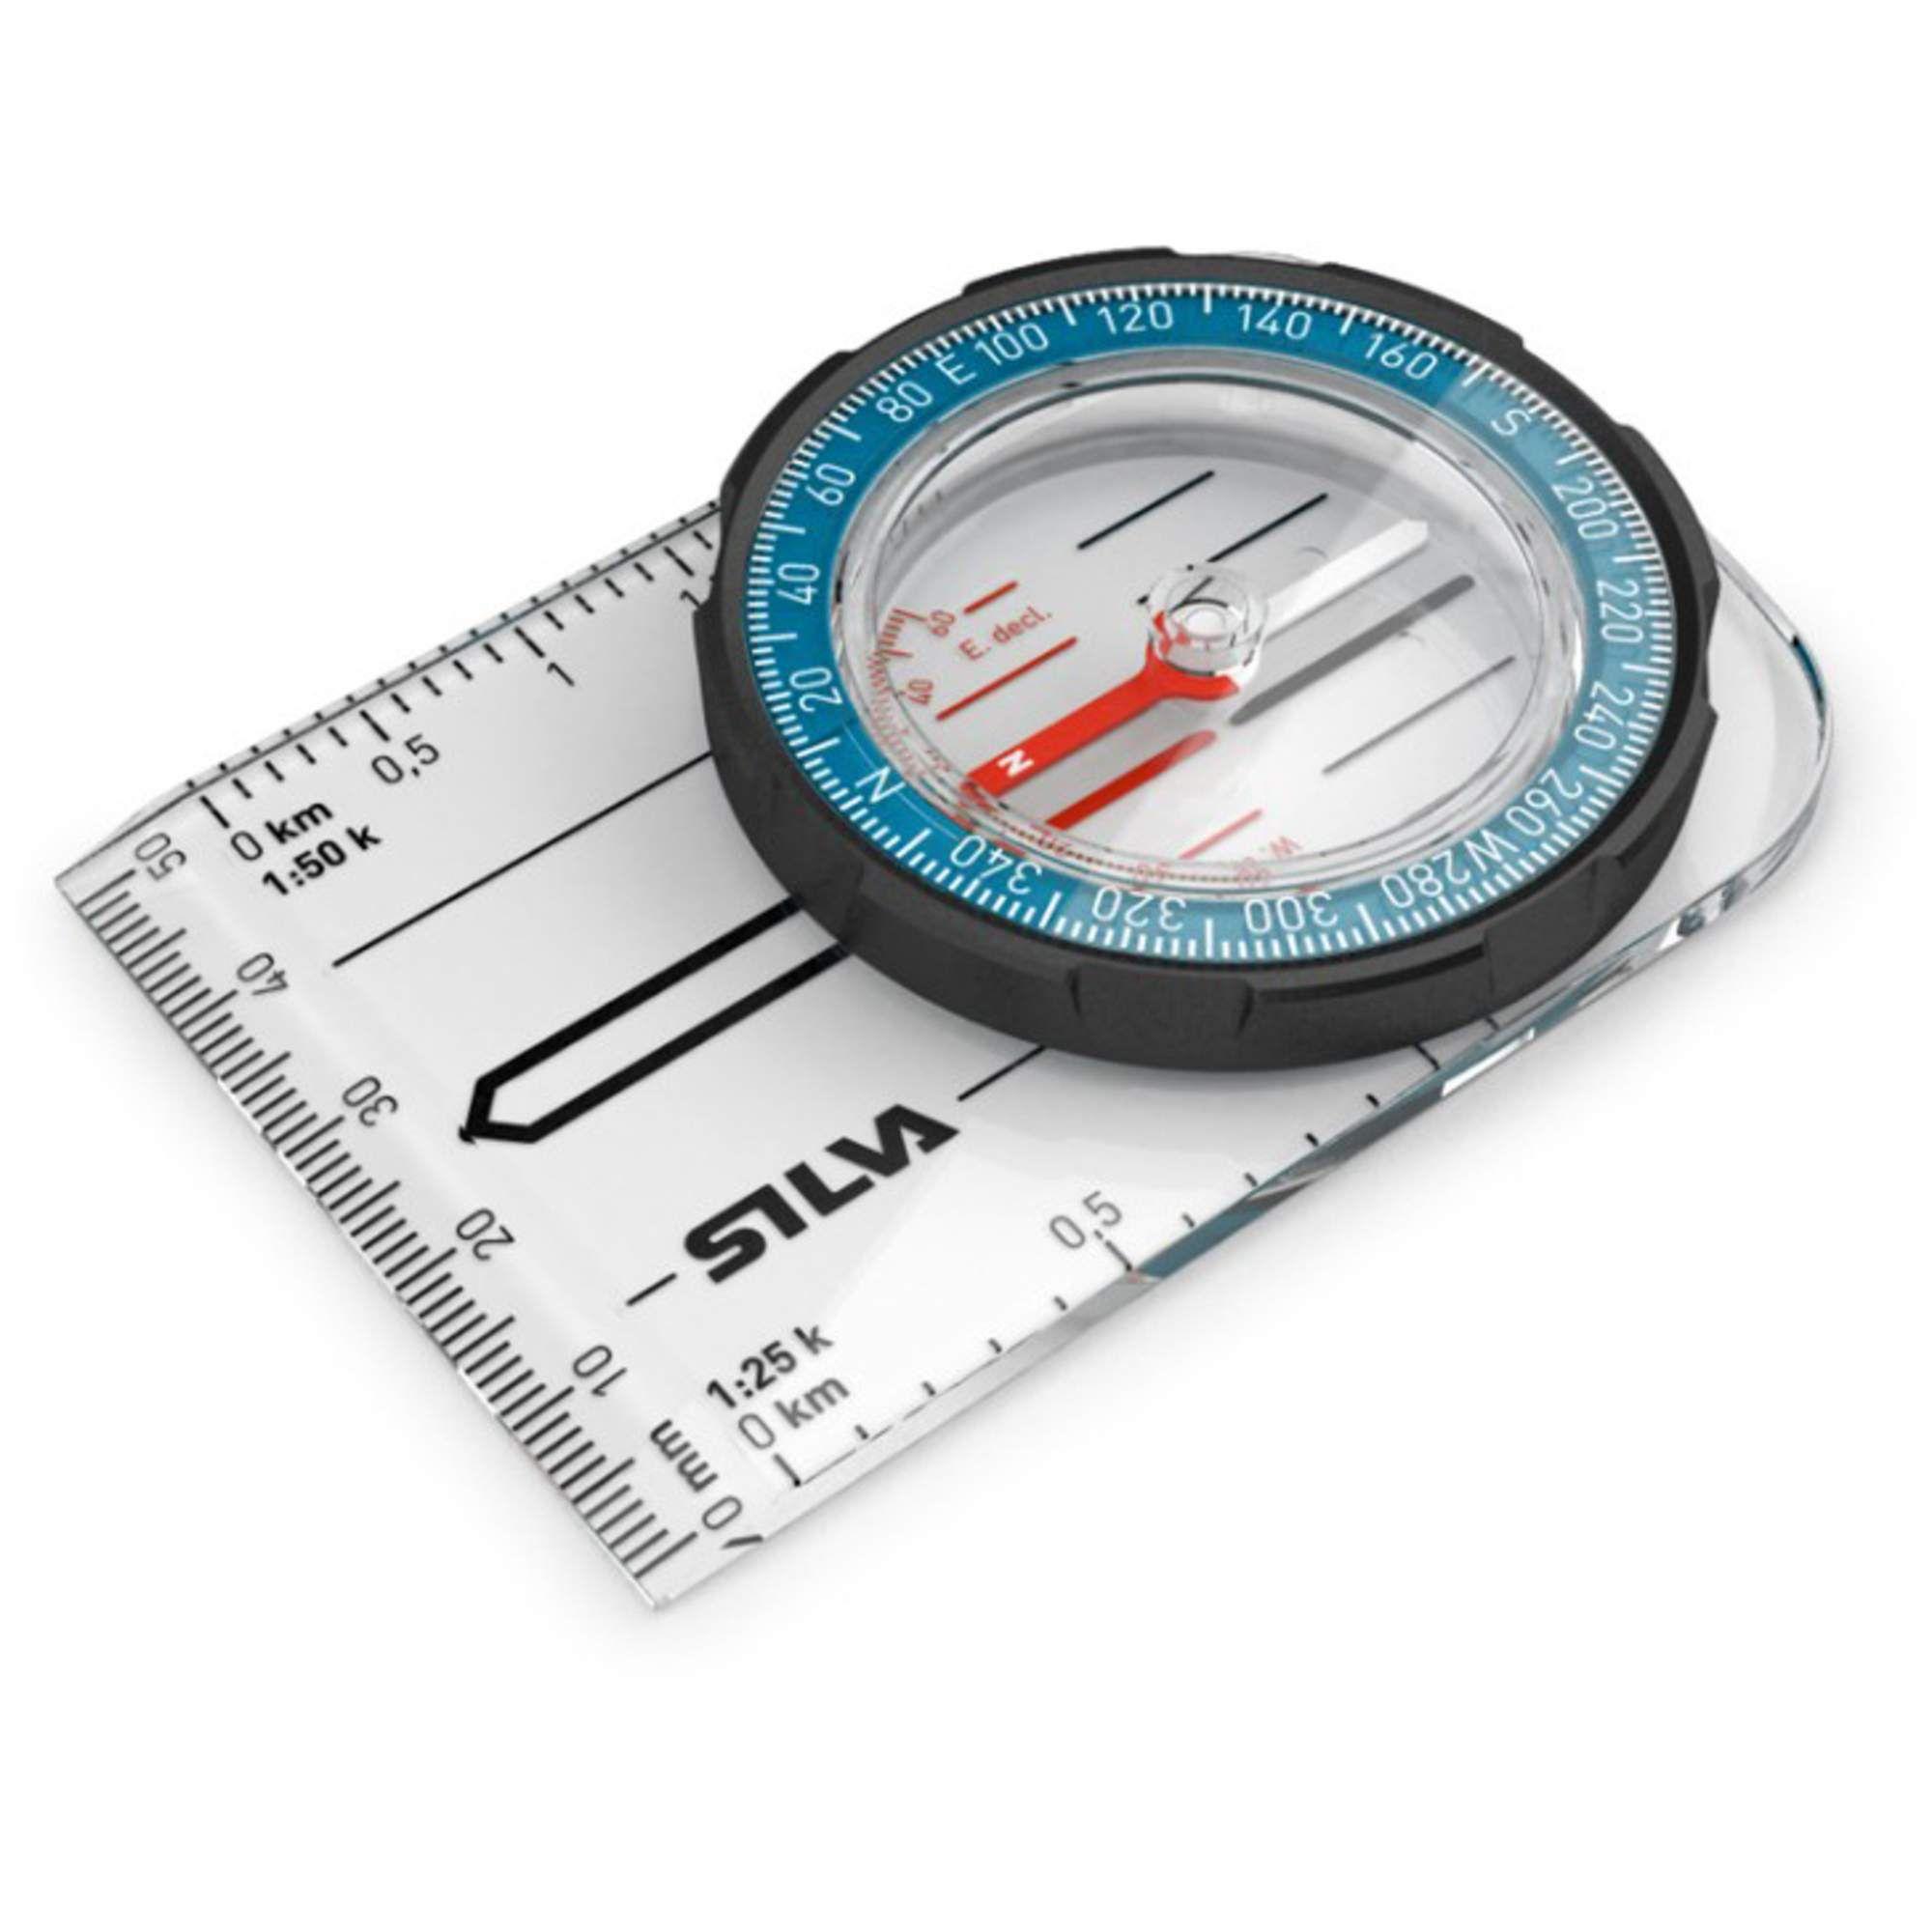 Silva FIELD - Kompass, Made in Sweden